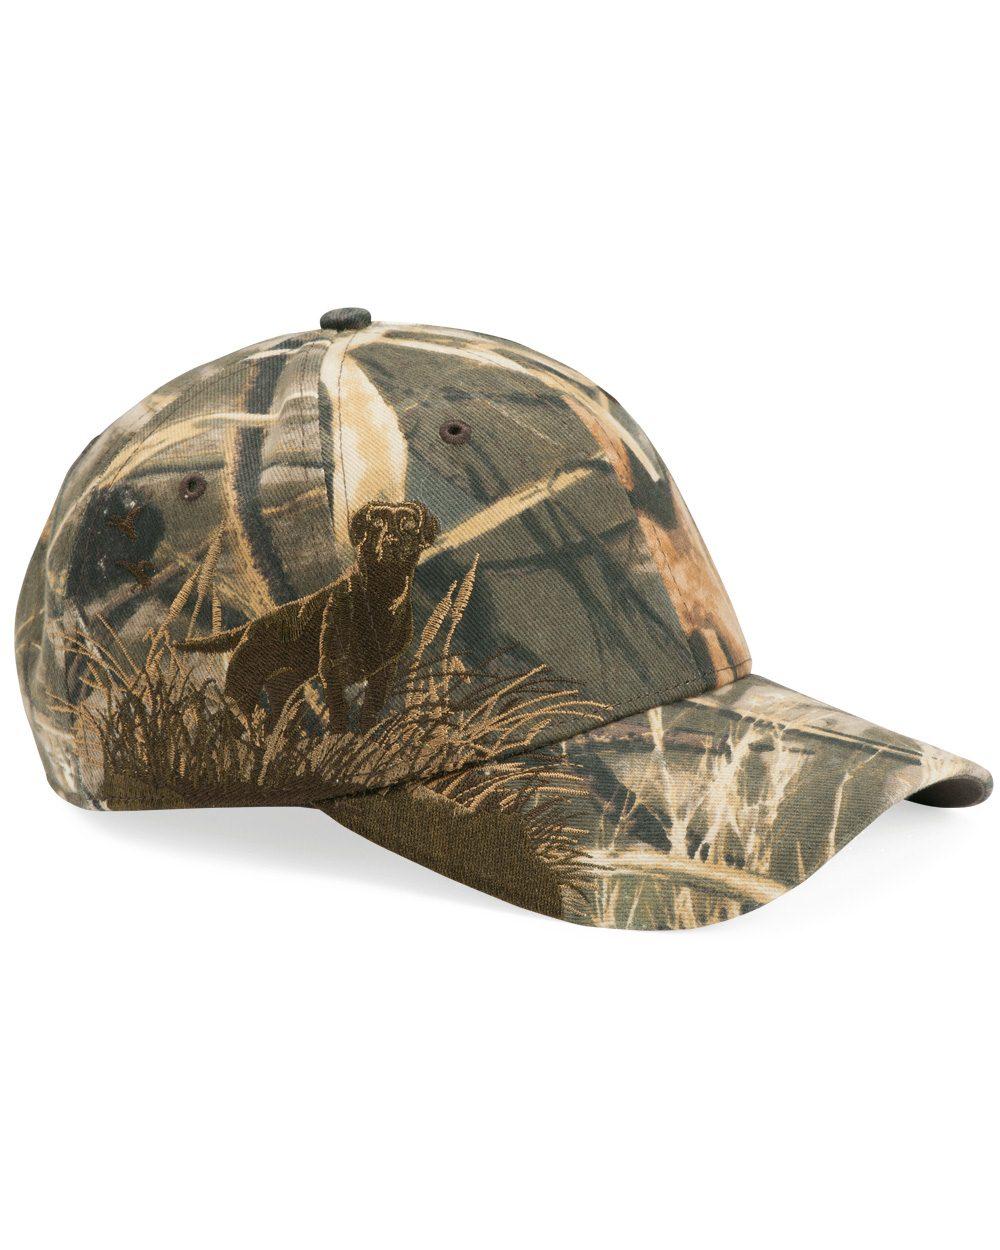 DRI DUCK Wildlife Series Labrador Caps - 3253